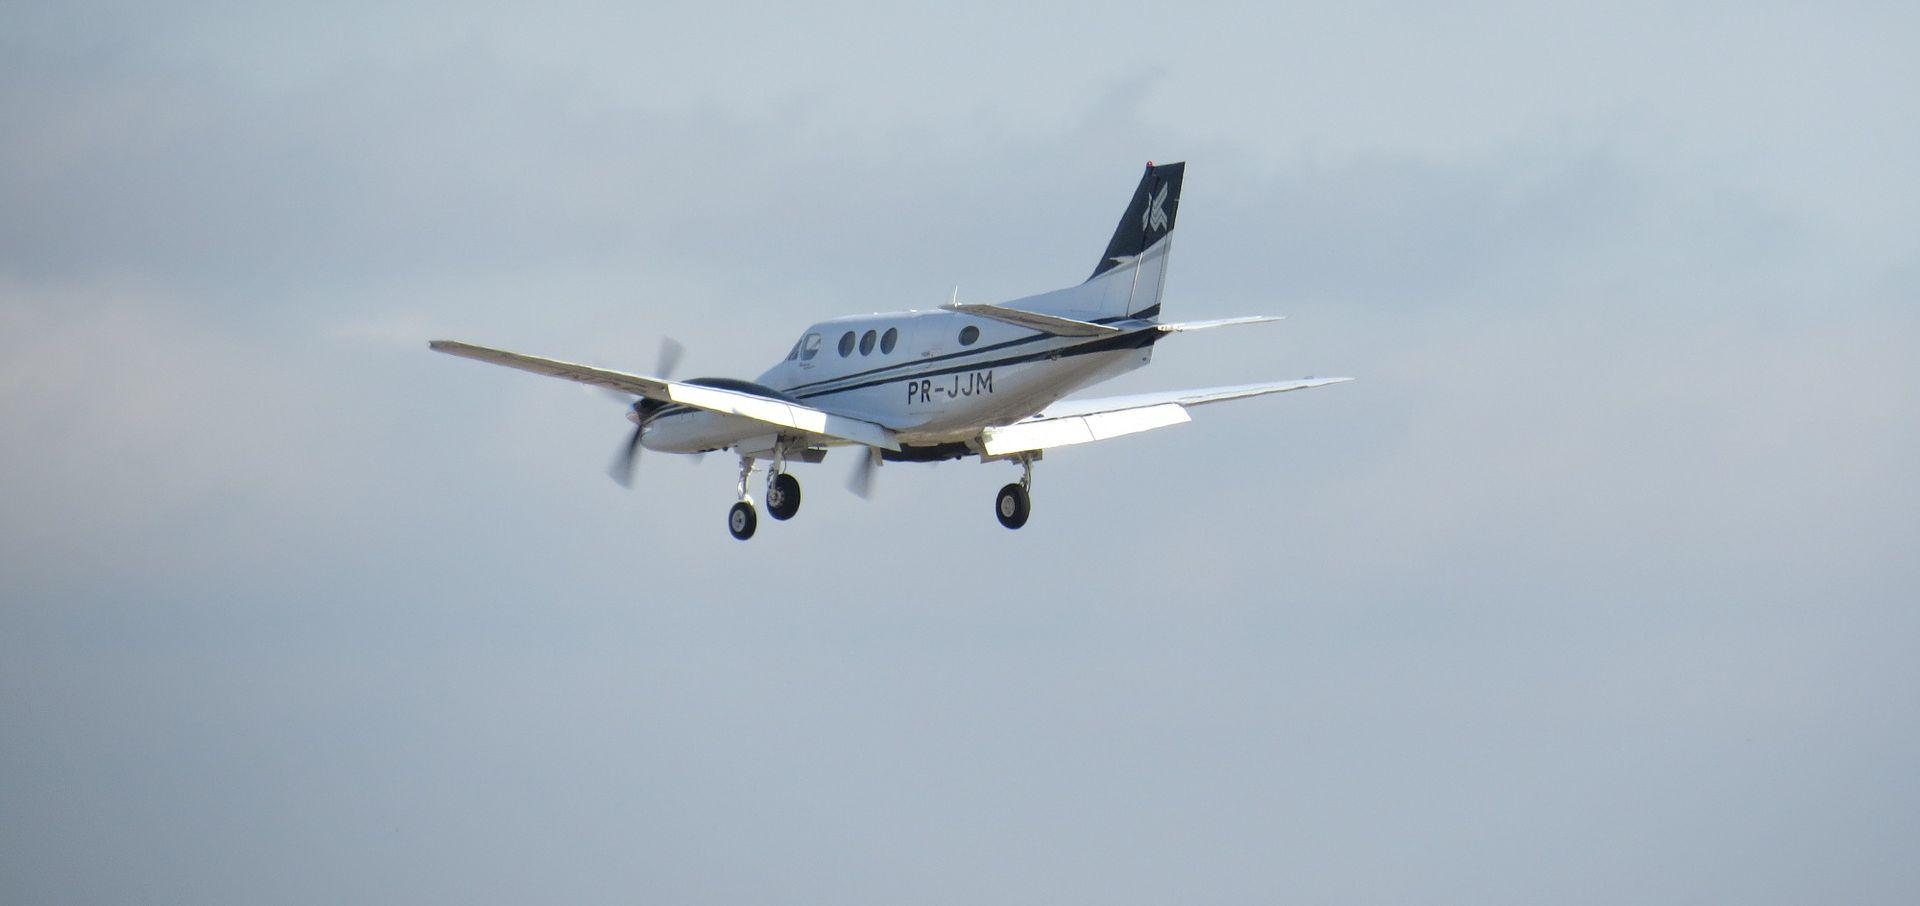 Nestao avion kojim je letio najskuplji igrač Cardiffa